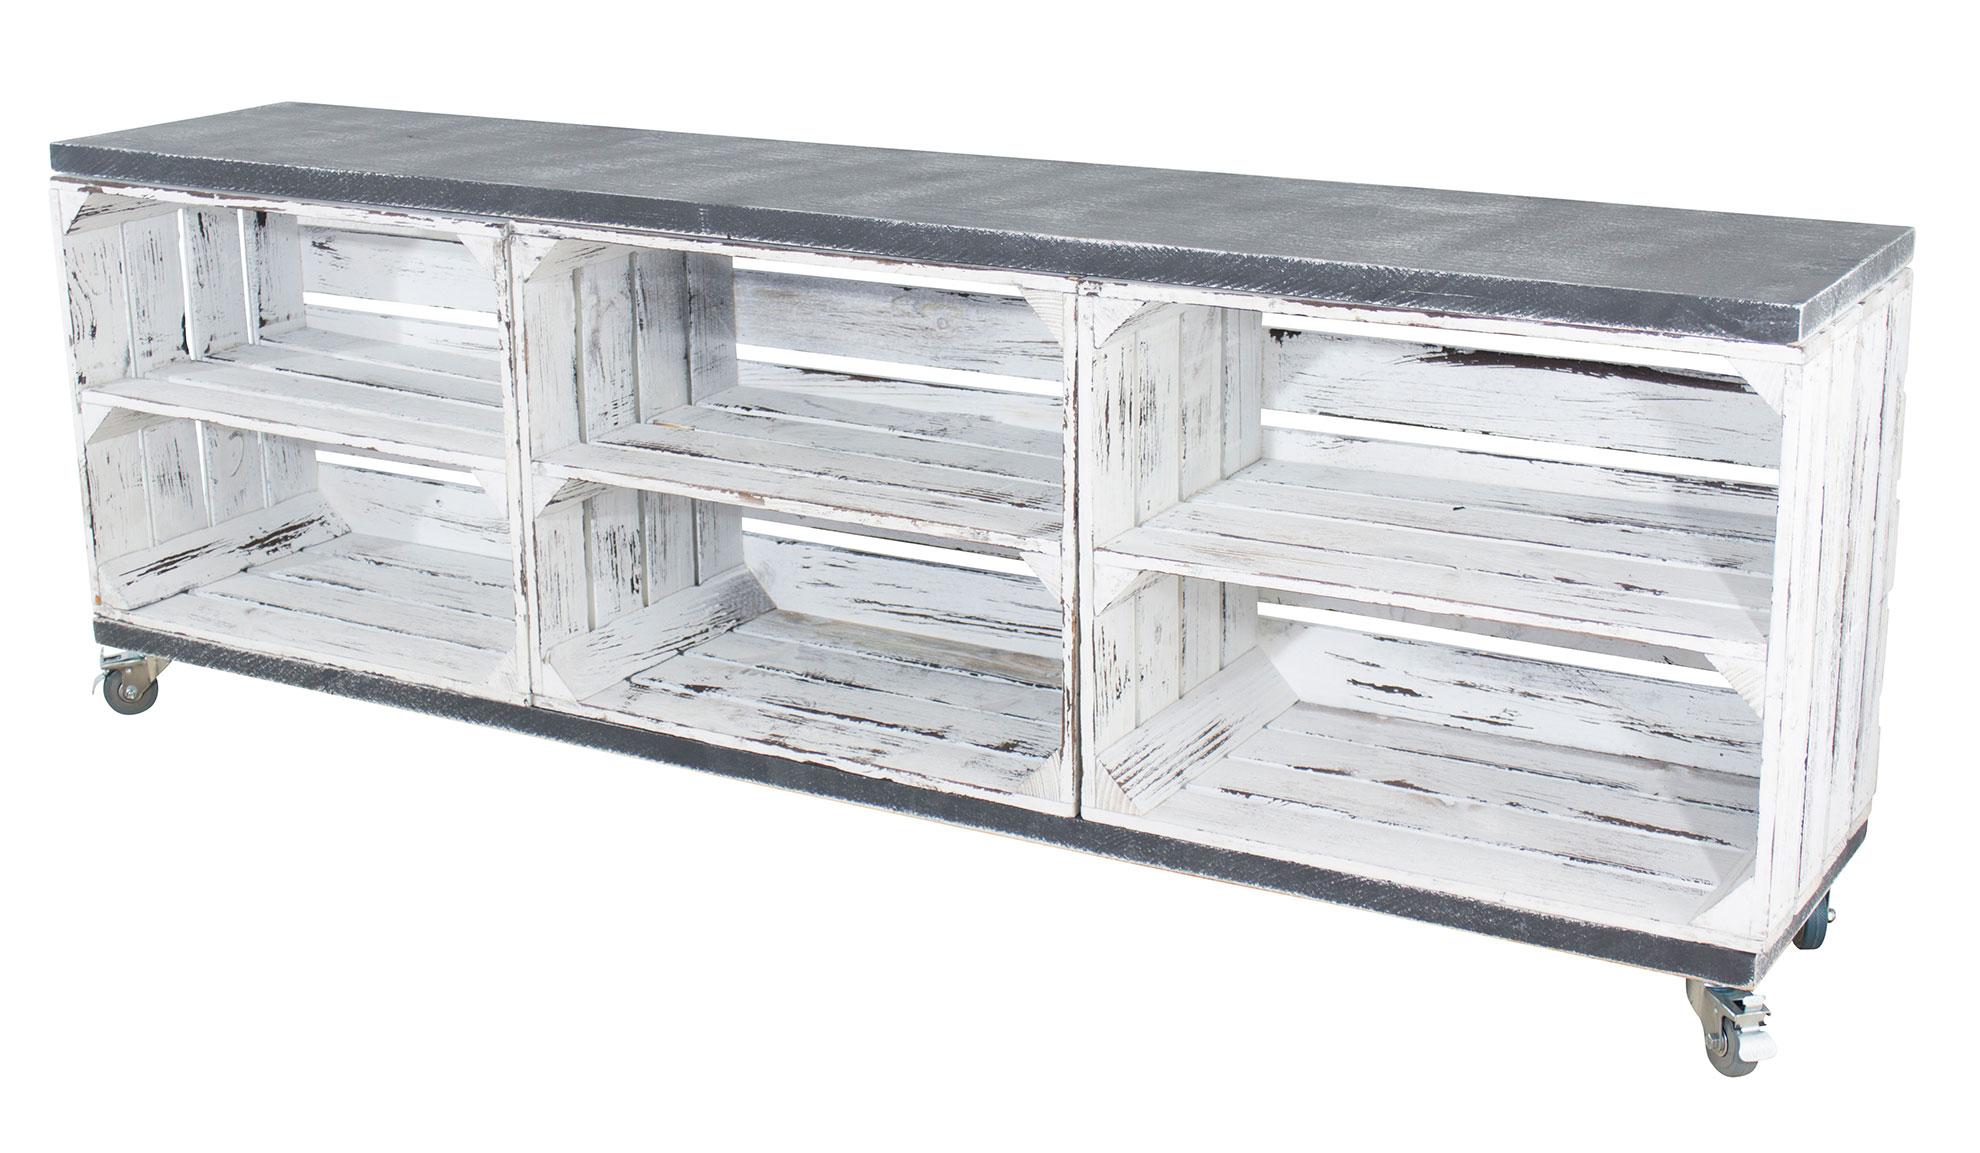 TV Schrank aus 3 Kisten in shabby weiß mit 2 Bohlenbrettern in shabby schwarz auf Rollen, 150x53x30